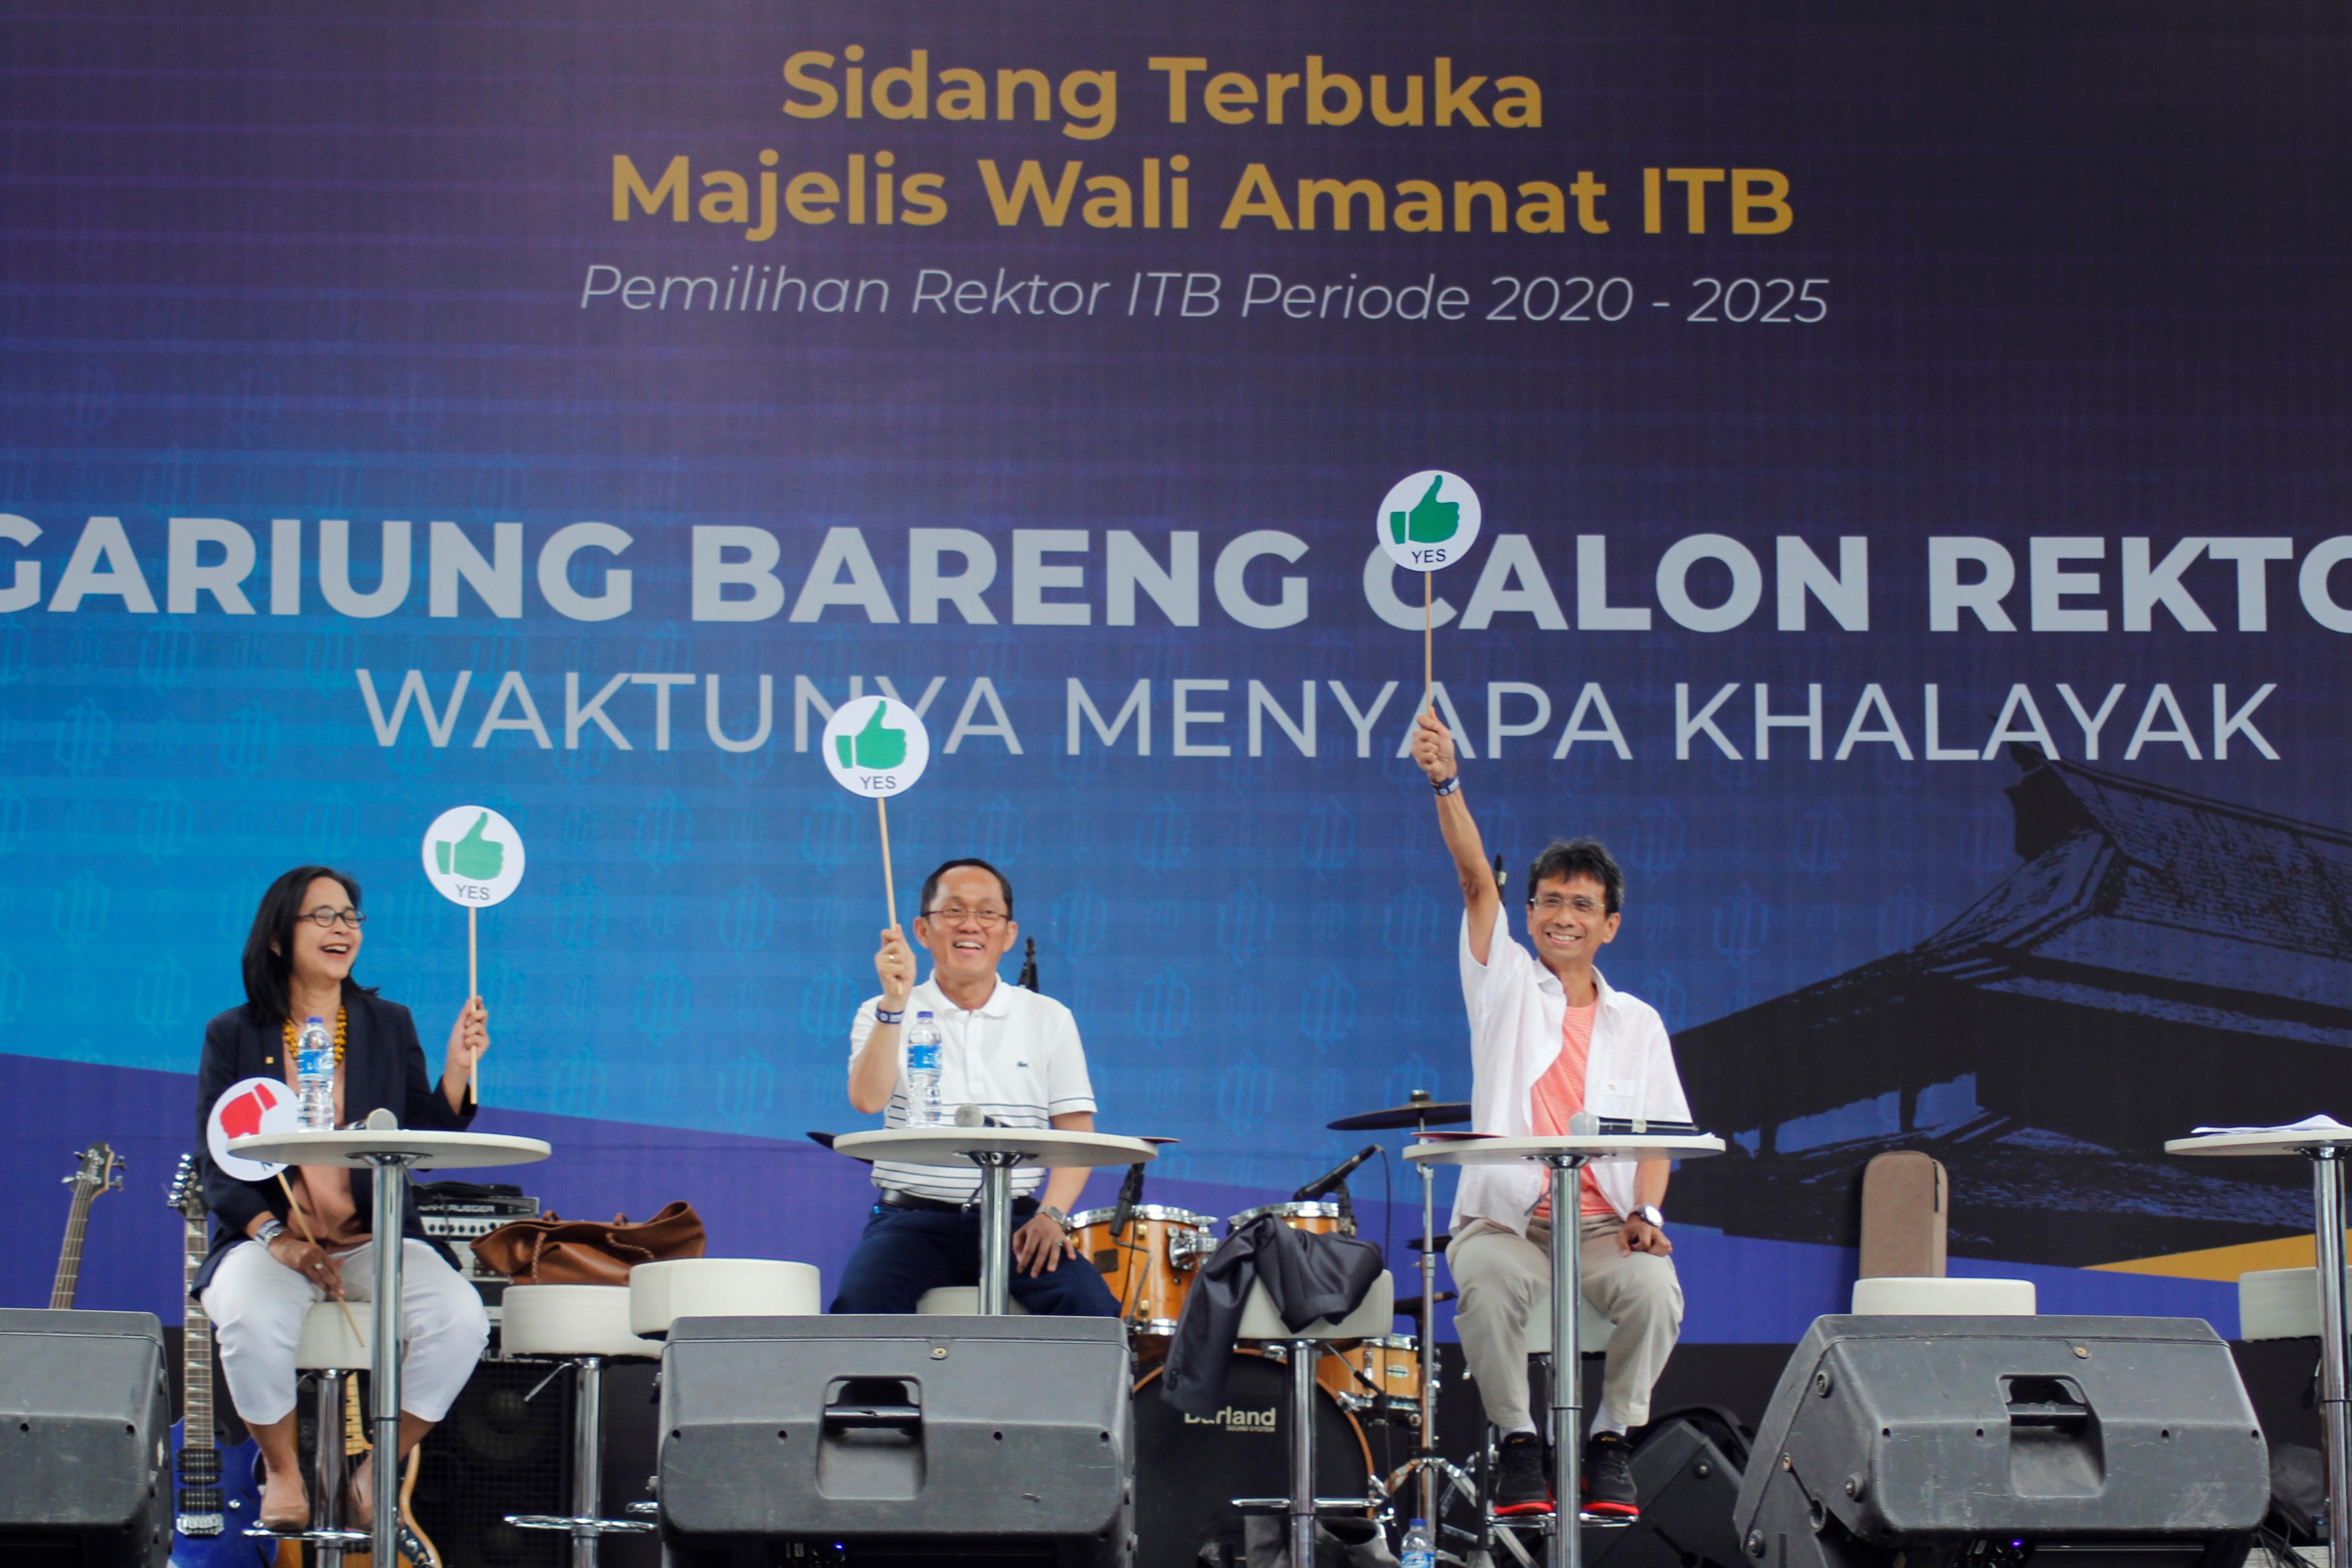 Tiga Calon Rektor ITB saat mengikuti kegiatan Sidang Terbuka Majelis Wali Amanat ITB   Foto: Humas ITB/Adi Permana